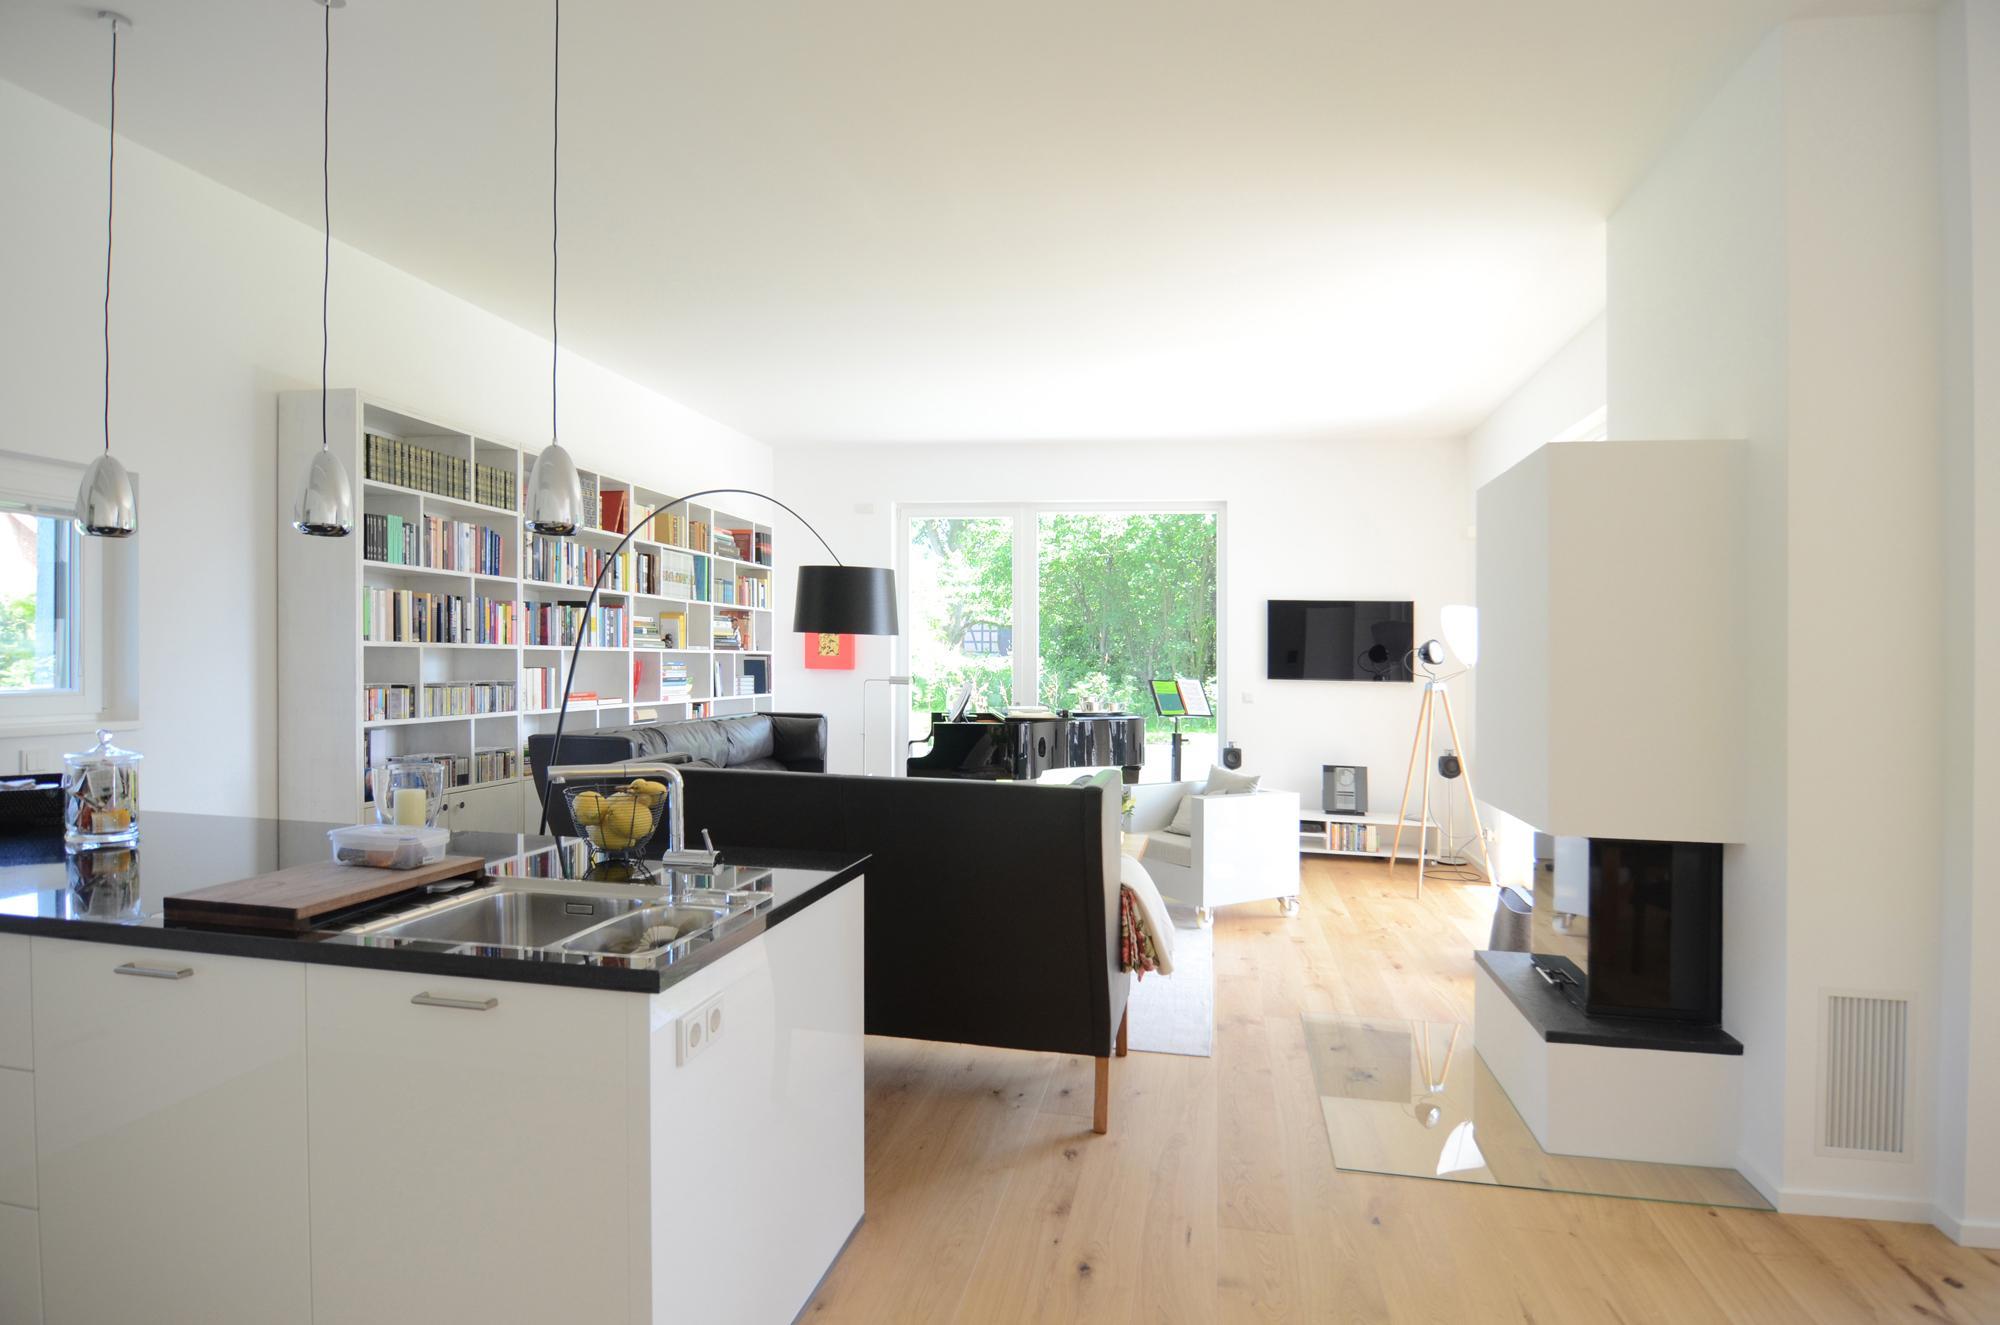 Exceptional Wohnzimmer Mit Küche Und Kamin #küche #wohnzimmer ©Frank Püffel